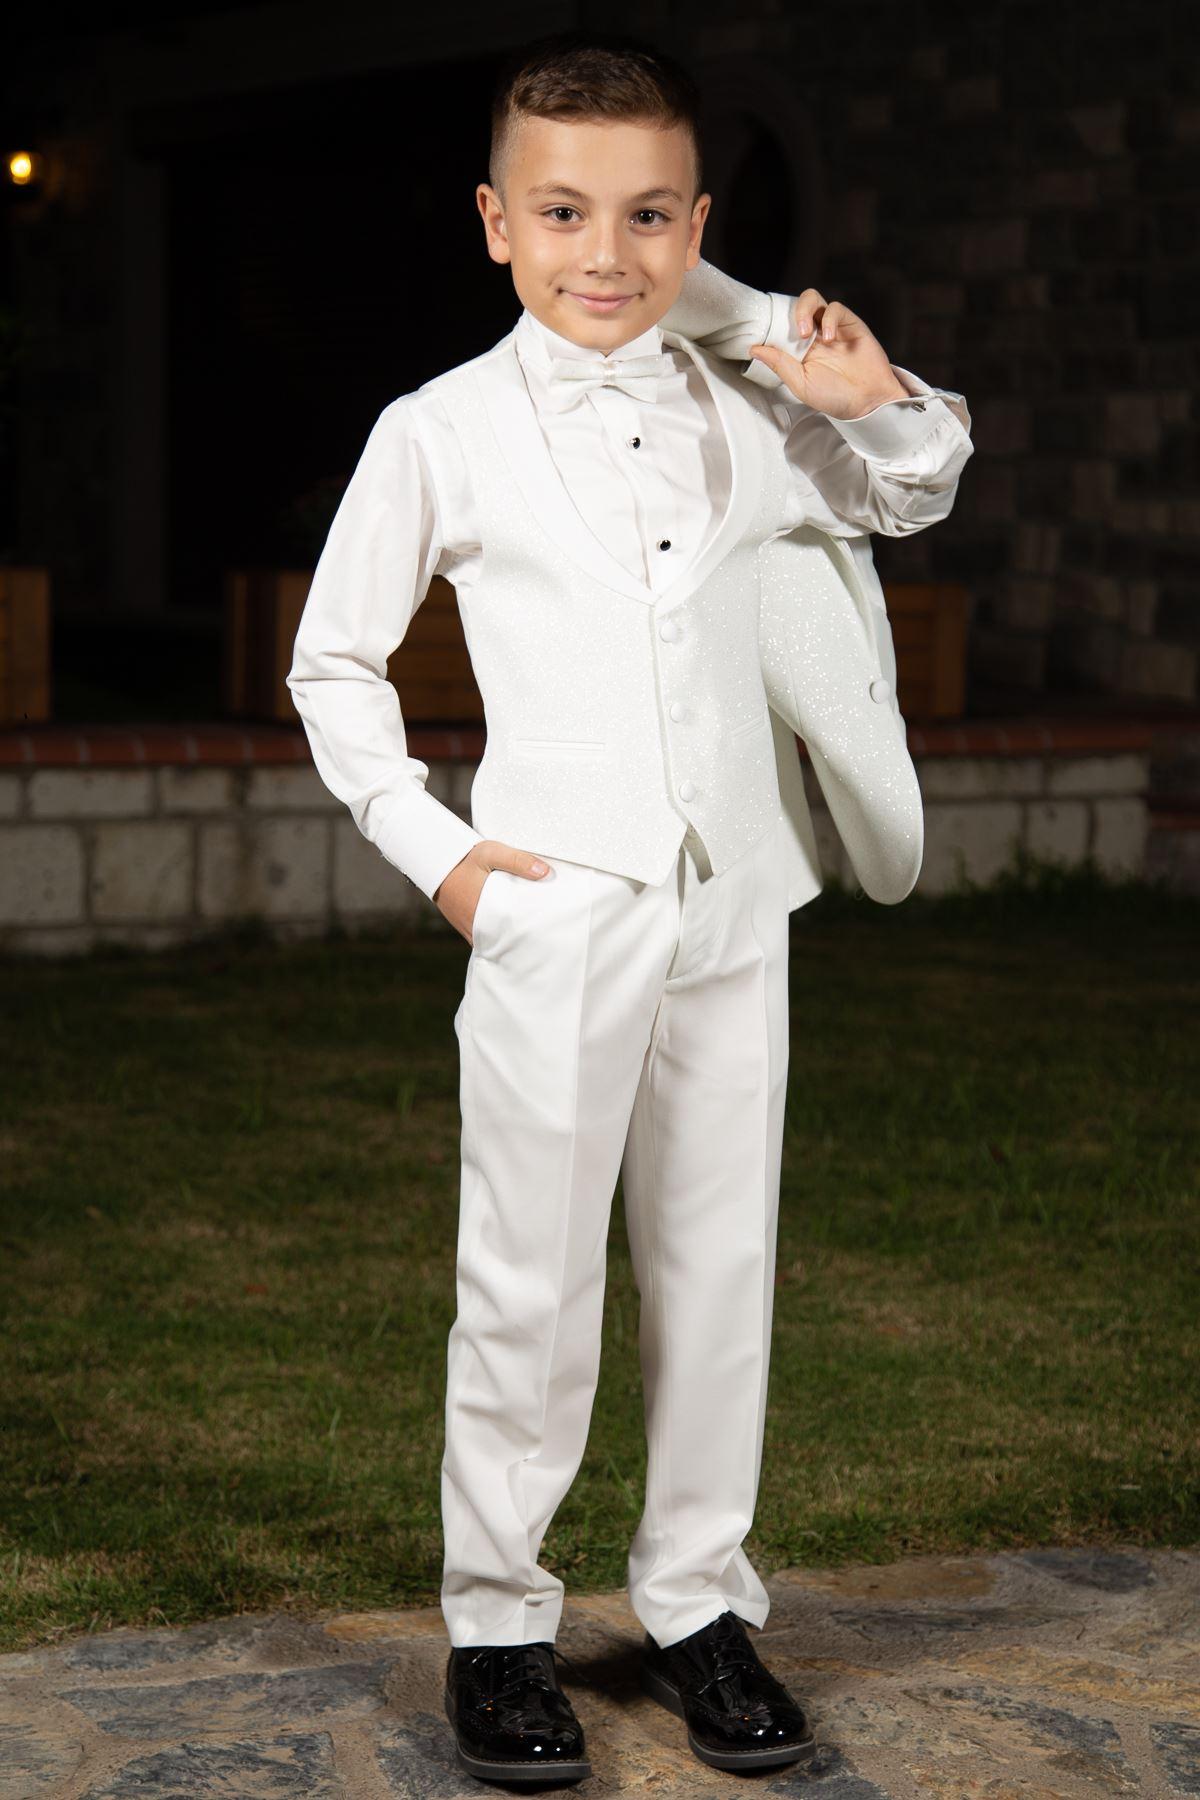 Ασημένιο Ύφασμα Αποσπώμενα Σάλι Κολάρο Σύνολο 4 Κομμάτια Αγόρι Ειδικό Κοστούμι 181 Ελεφαντόδοντο